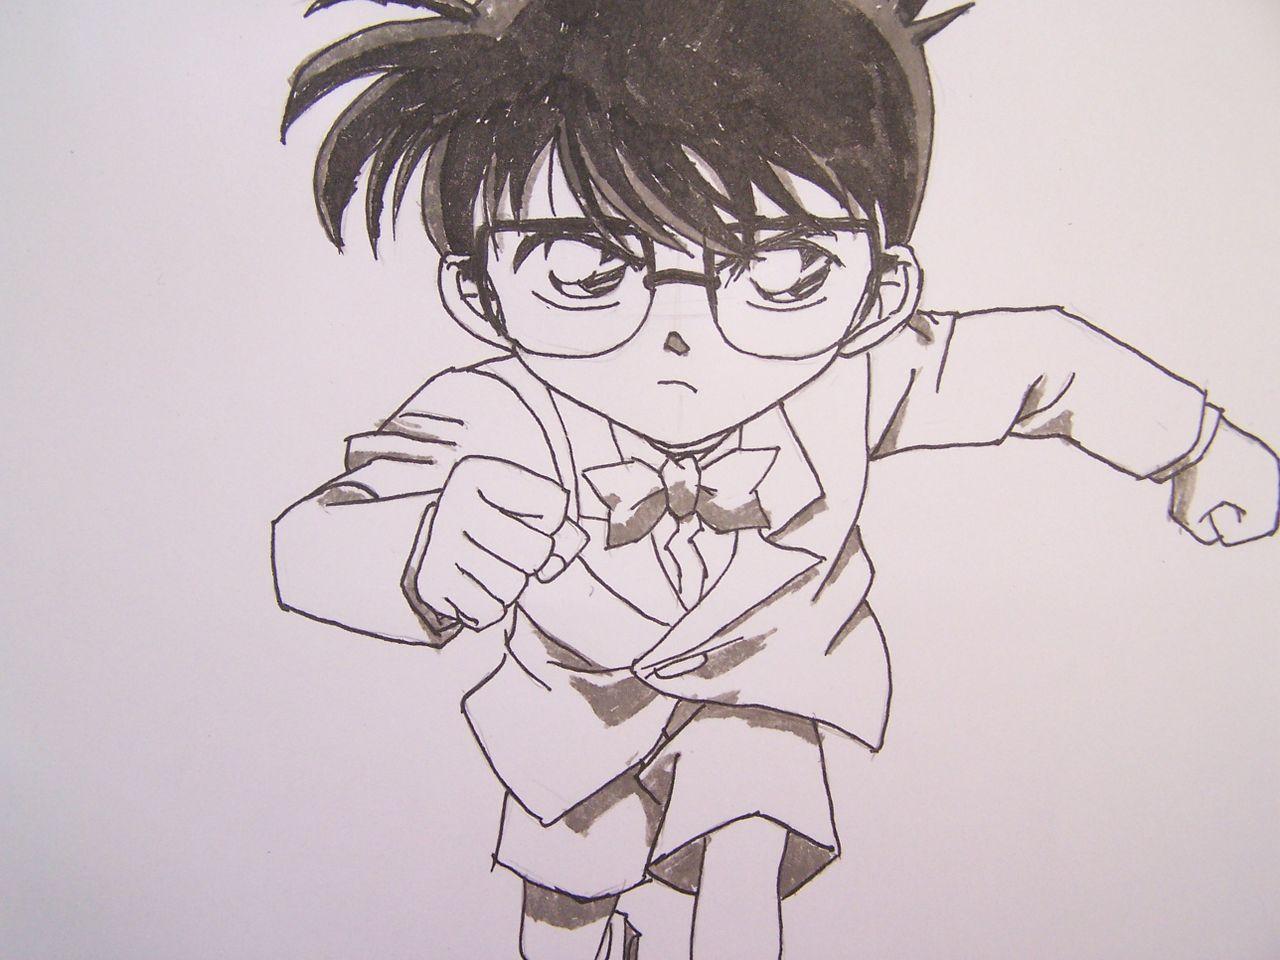 黑白动漫人物图片手绘简单漫画女孩 手绘黑白动图片